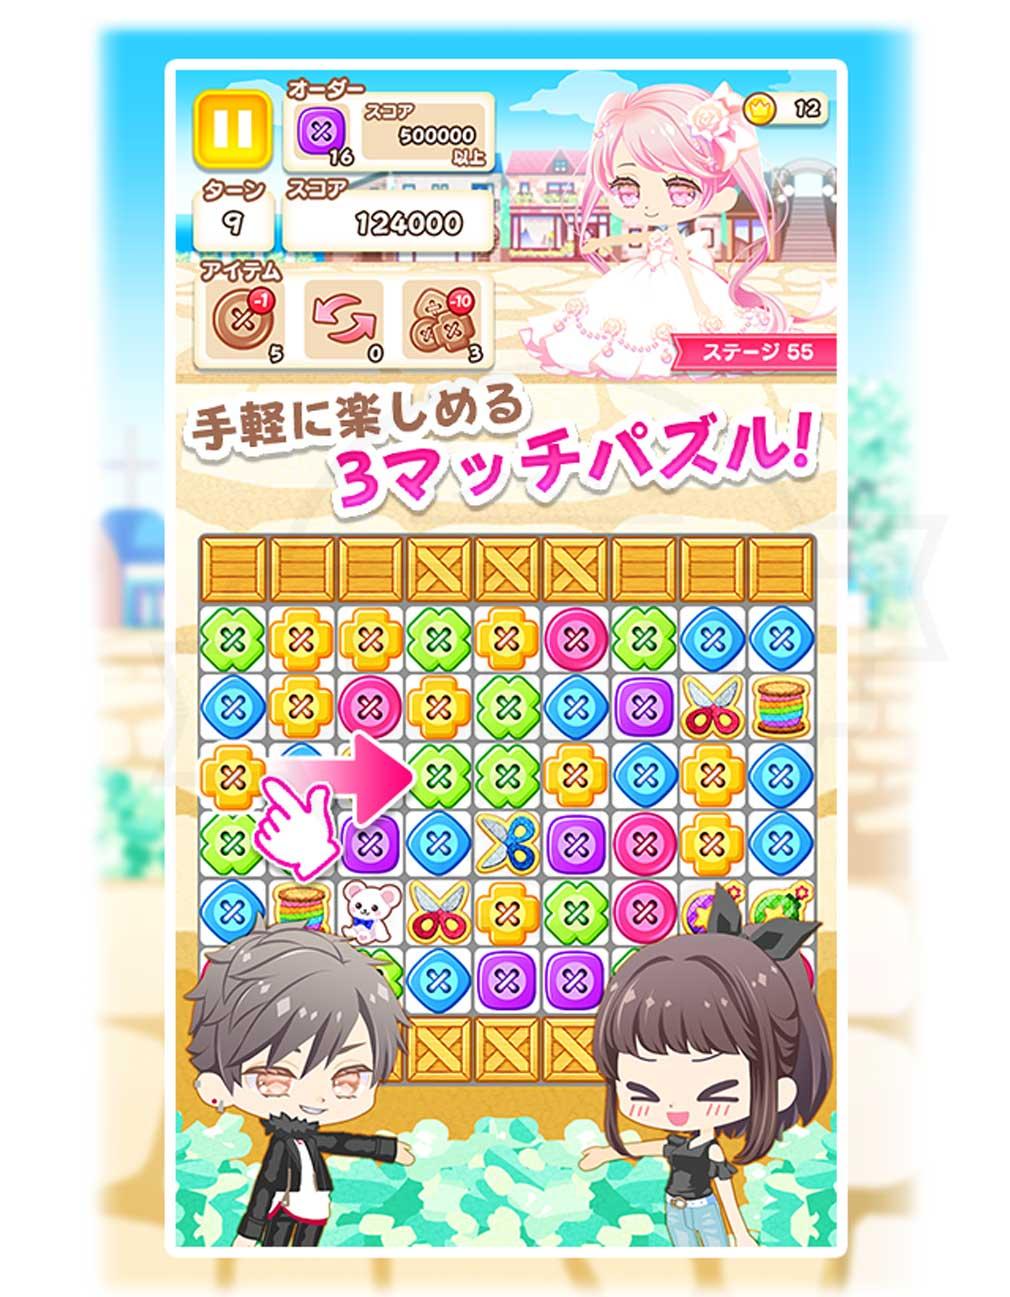 パズル&テーラーズ(パズテラ) 3マッチパズルゲーム紹介イメージ